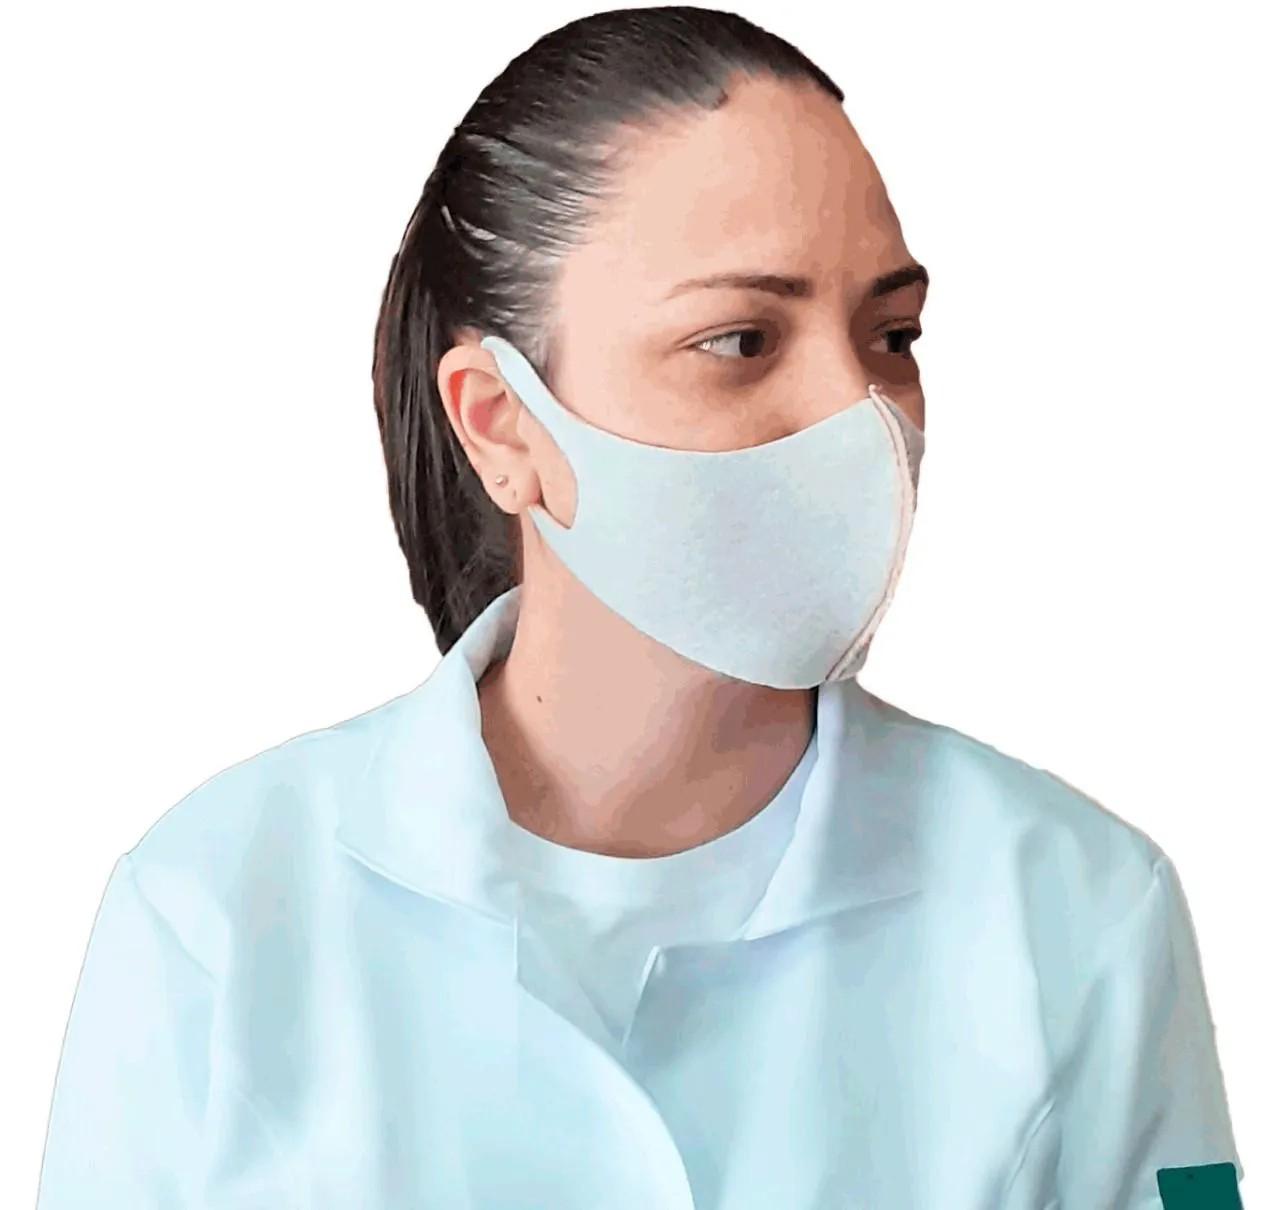 Mascara para Proteção Cor Branco Telha Tamanho G com 1 unidade